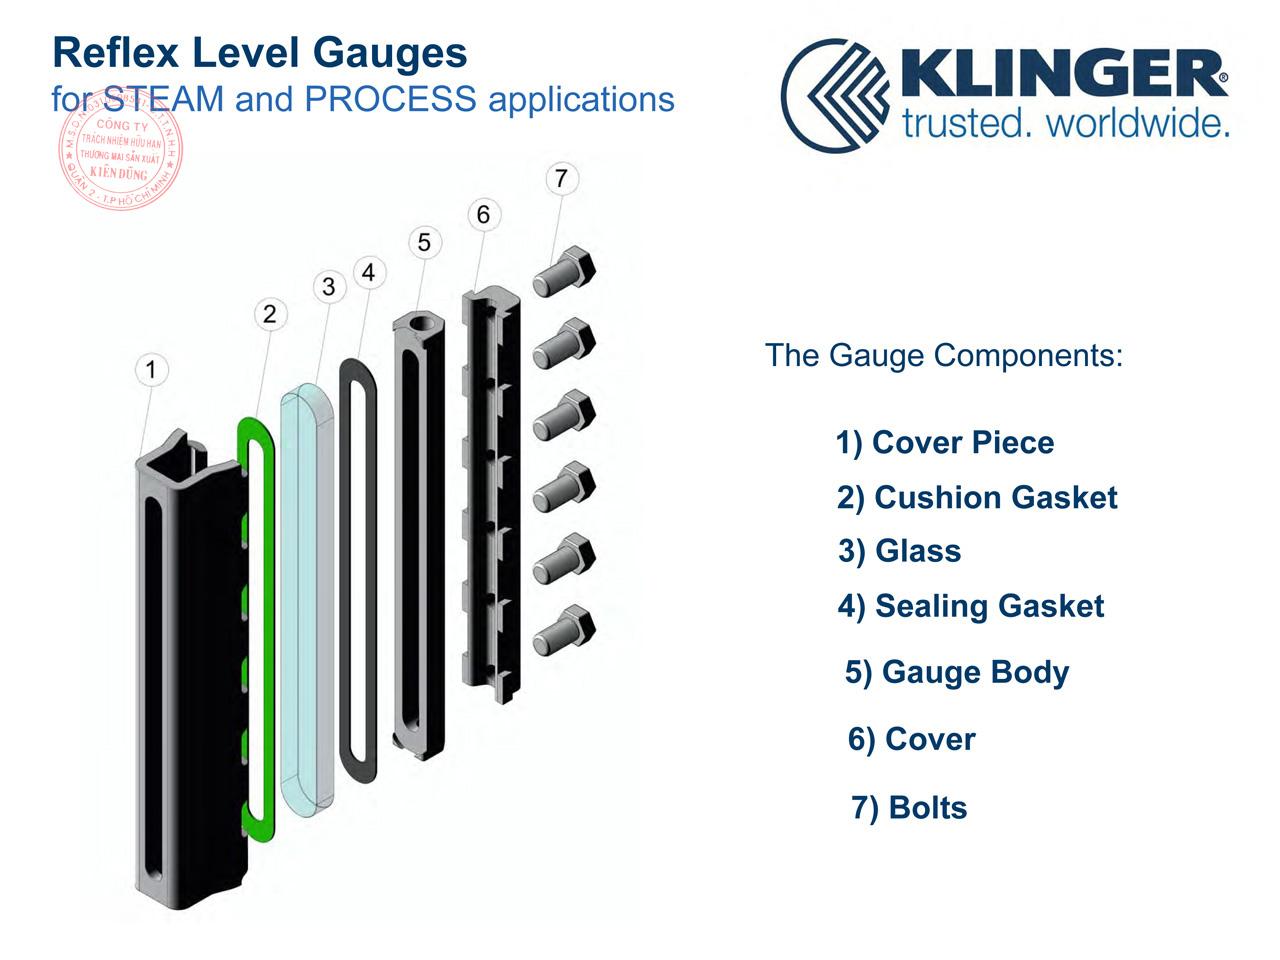 Cấu tạo thước đo mức phản xạ Klinger Reflex Level Gauges